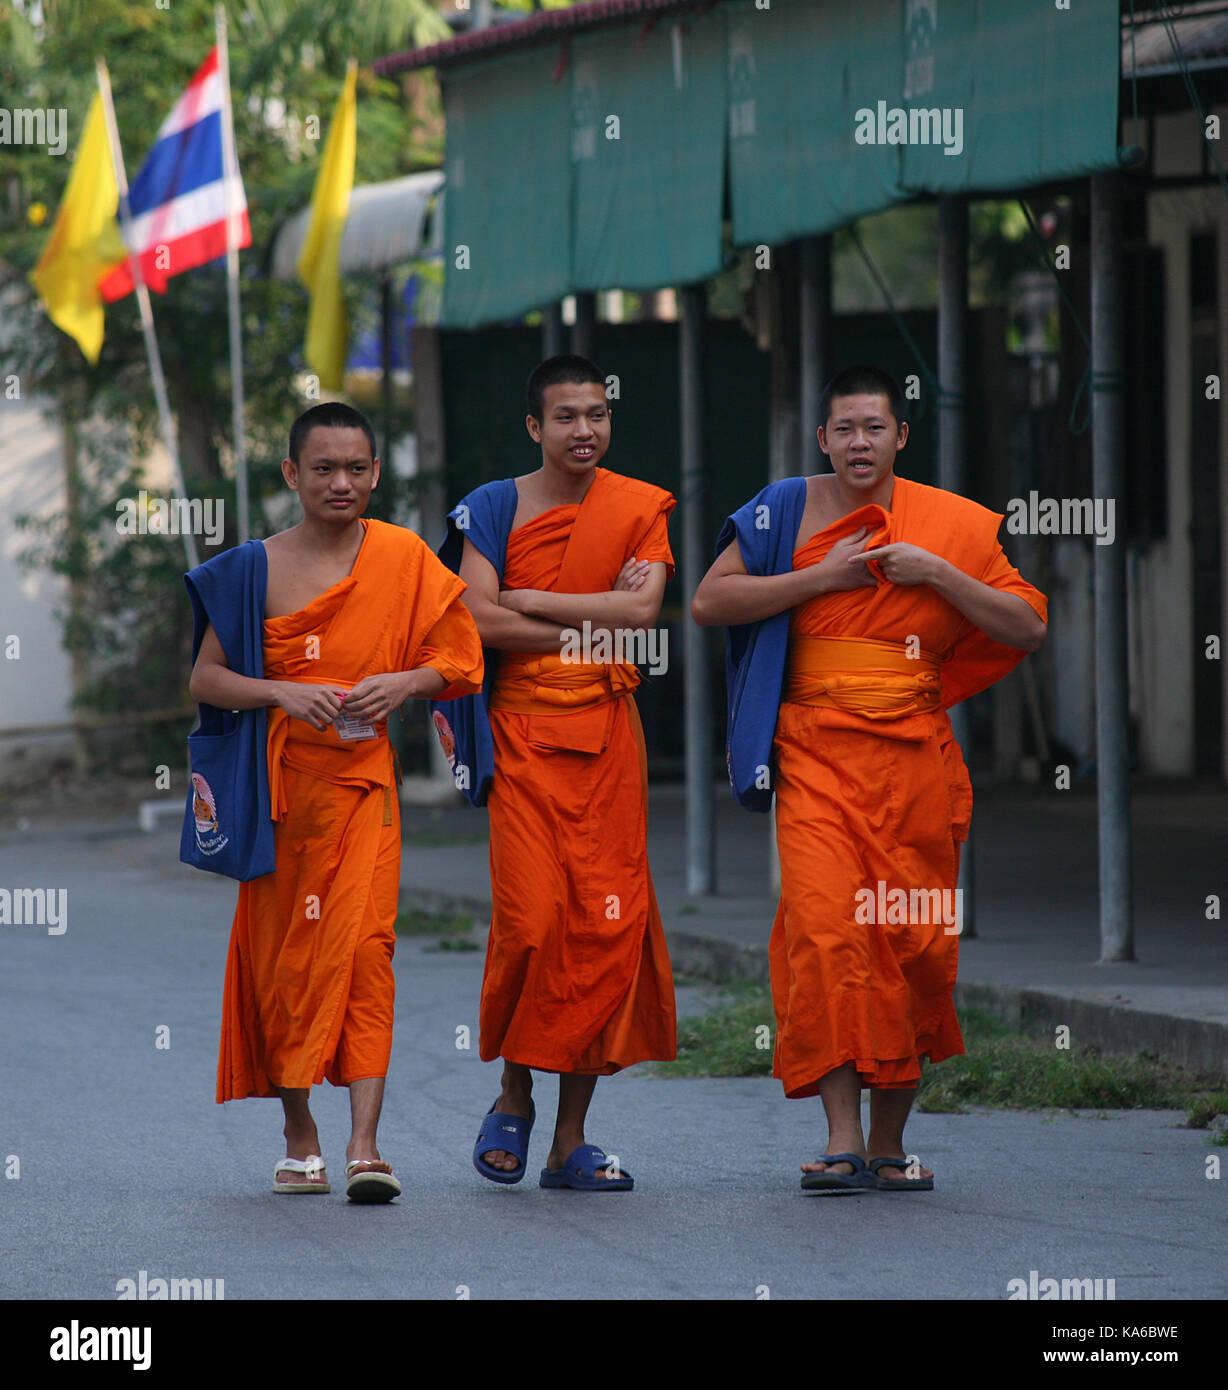 La vie quotidienne dans un monastère Bouddhiste. Les moines aller à la ville pour recueillir des aumônes. Photo Stock